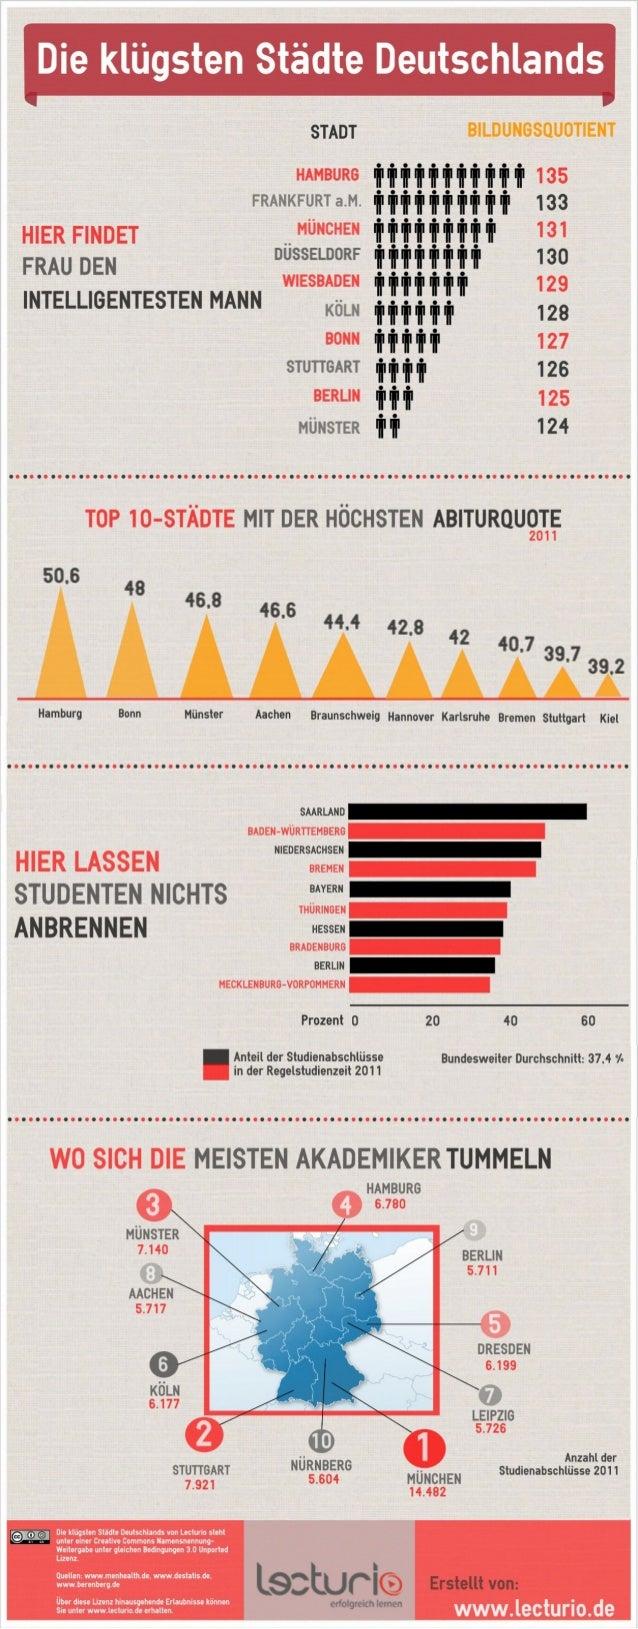 Die klügsten Städte Deutschlands